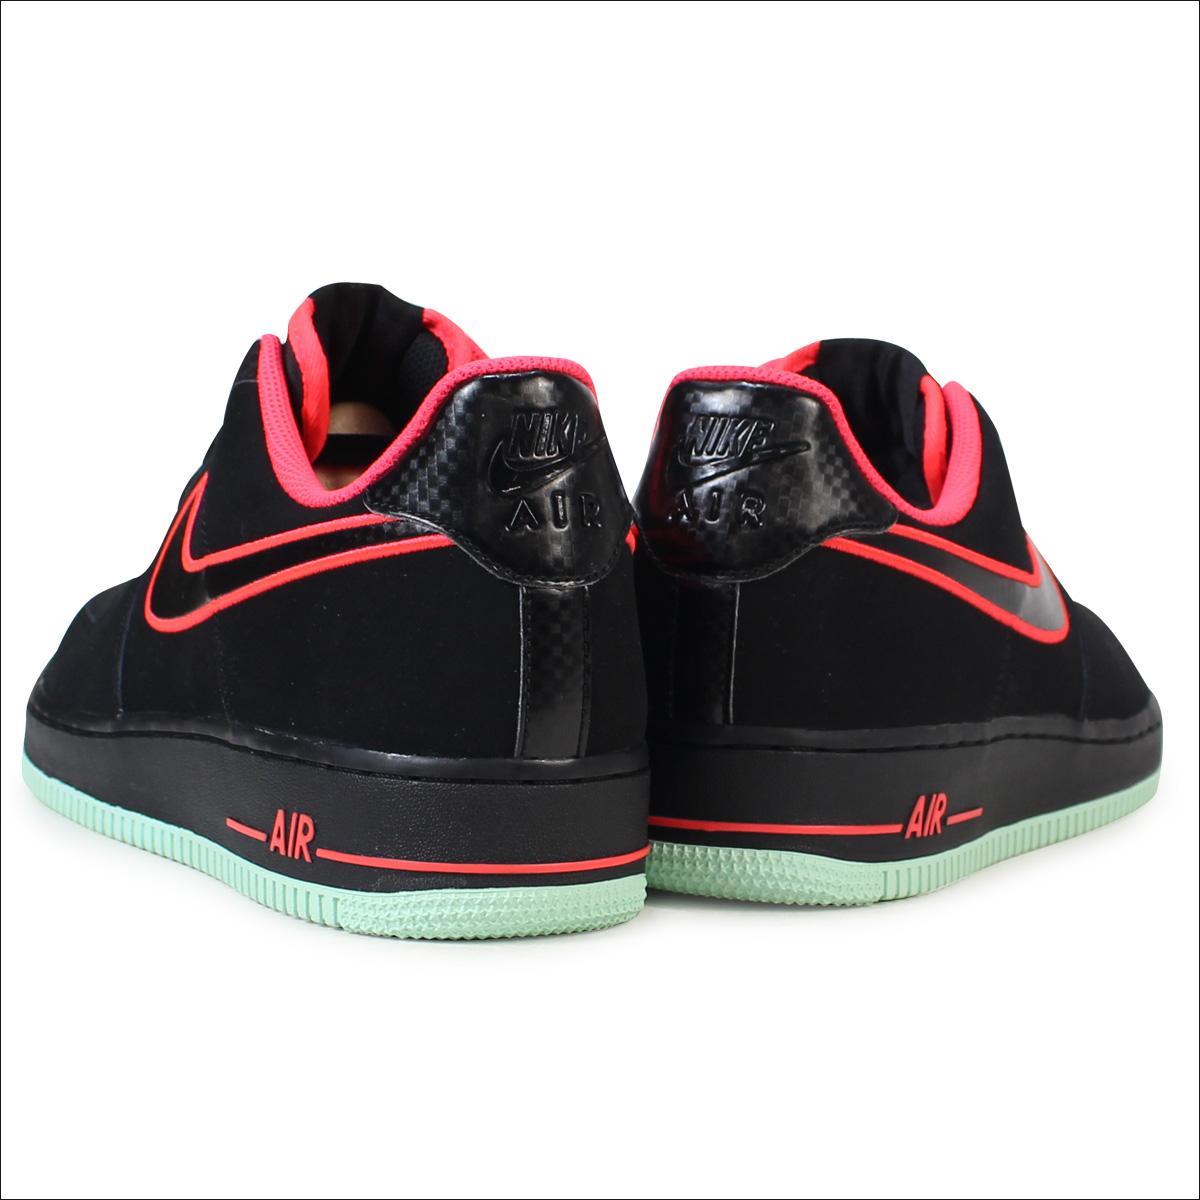 Nike NIKE air force 1 sneakers men AIR FORCE 1 YEEZY black black 488,298 048